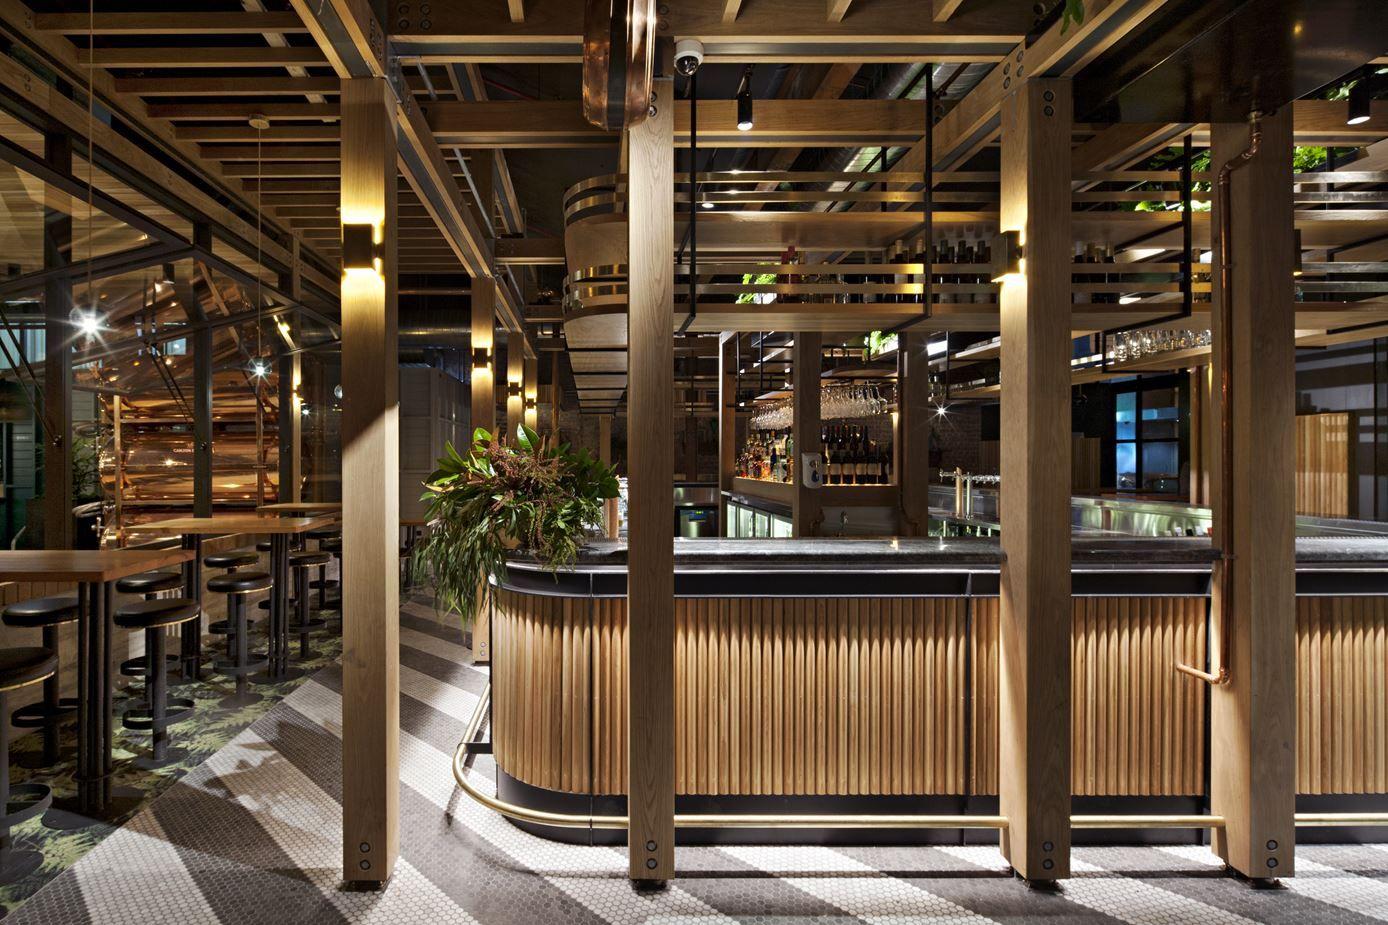 Garden State Hotel - Picture gallery | RESTAURANT | Pinterest ...